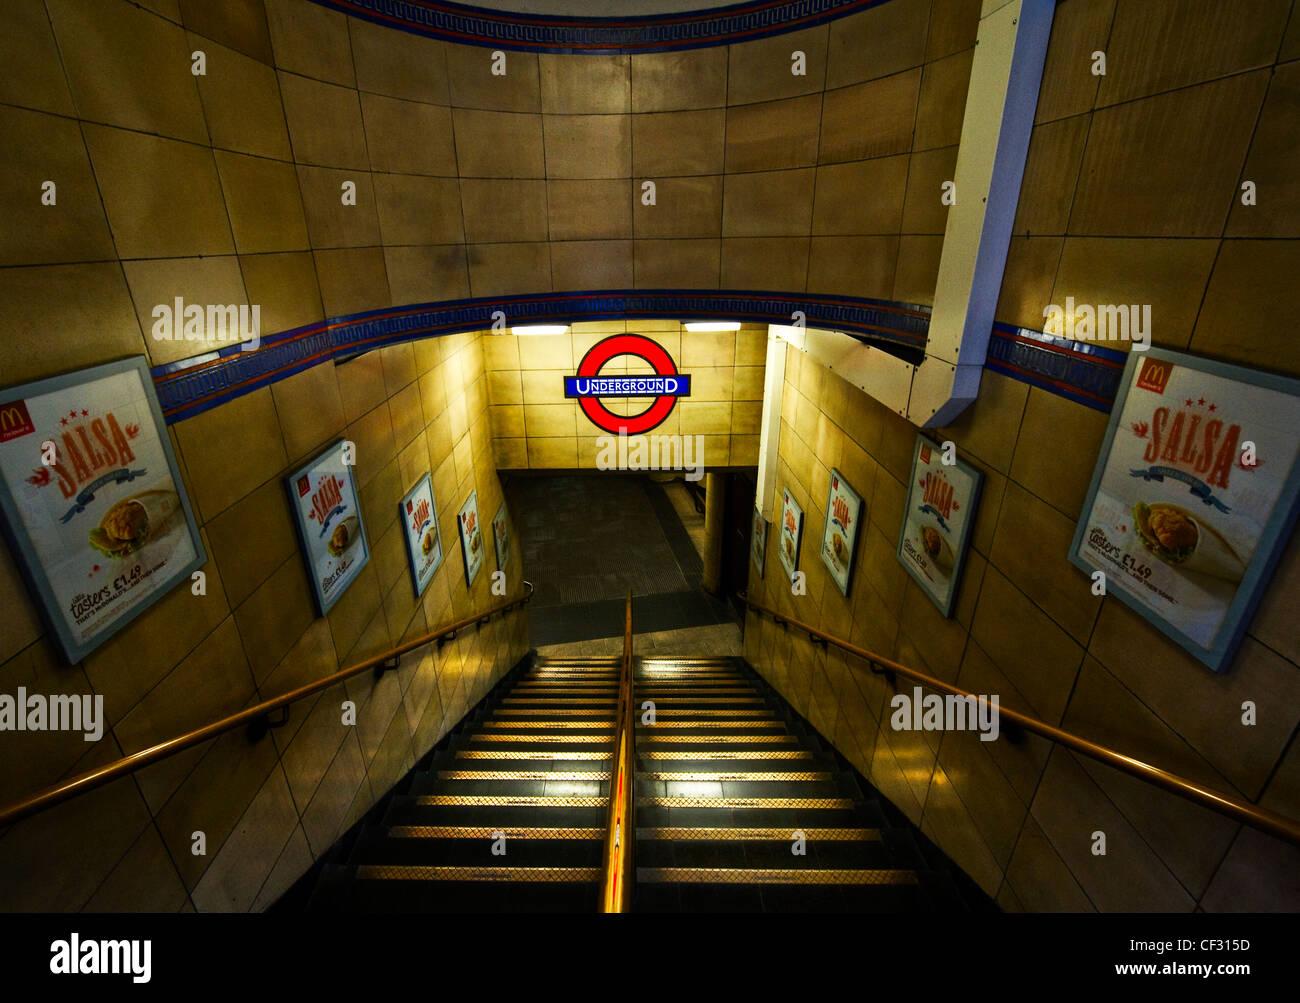 Étapes menant jusqu'à une station de métro de Londres. Photo Stock